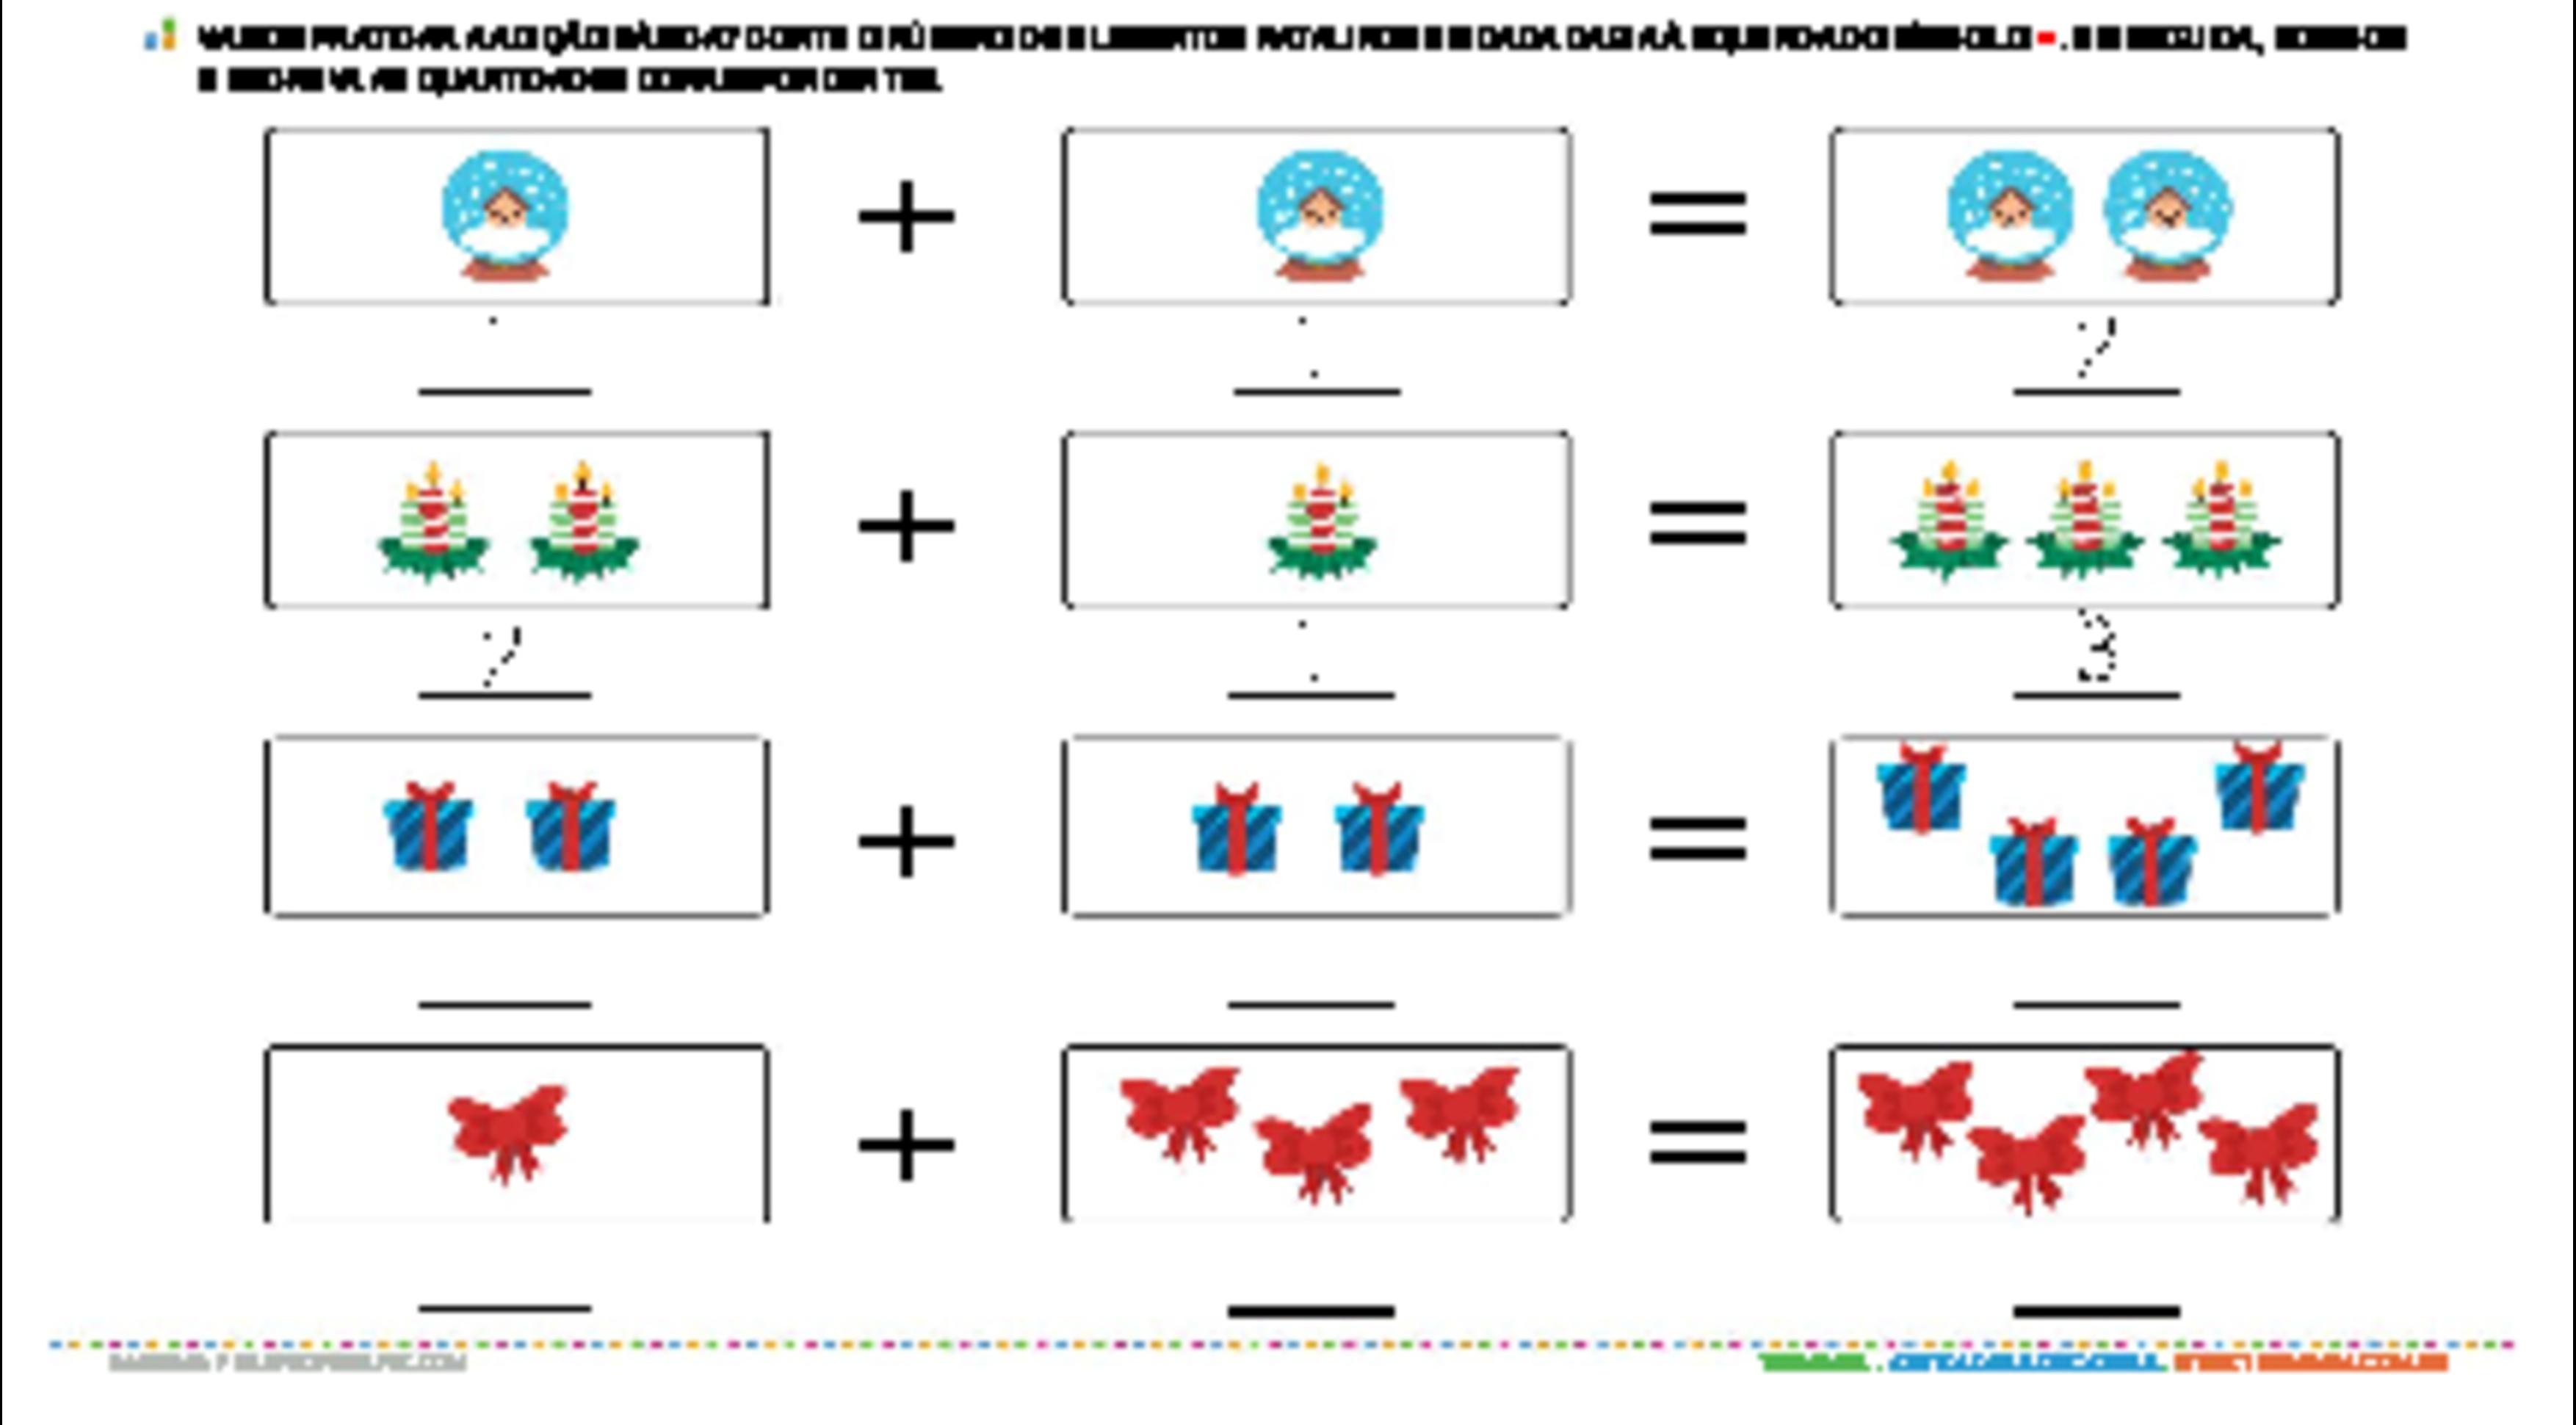 Adição básica - Natal - atividade educativa para Pré-Escola (4 e 5 anos)